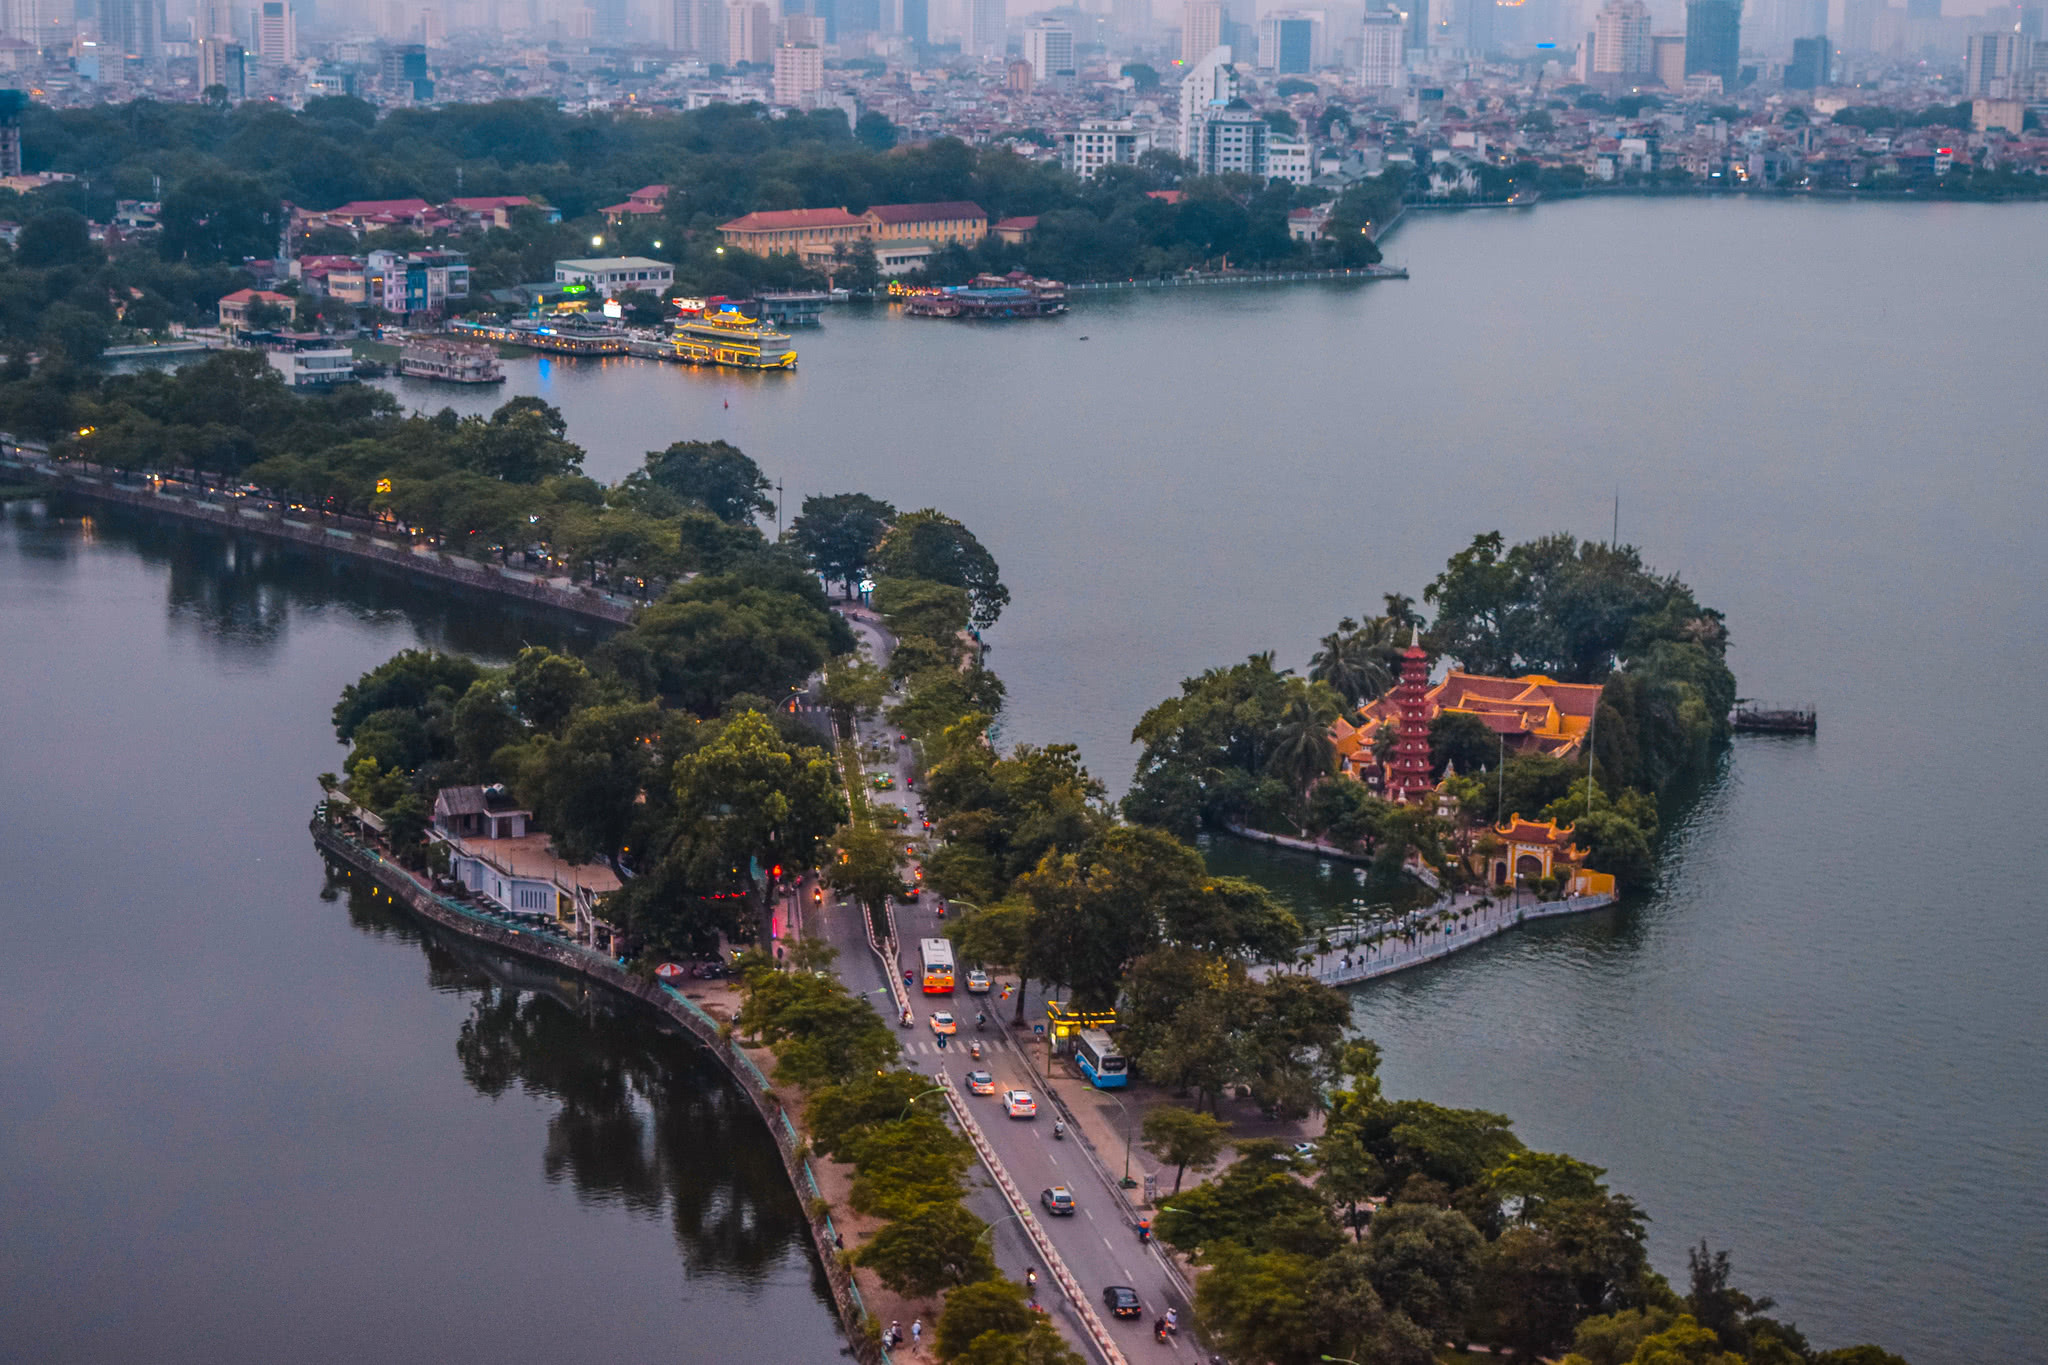 泰国中国游客事件层出不穷,为何中国游客还是喜欢泰国而非越南?